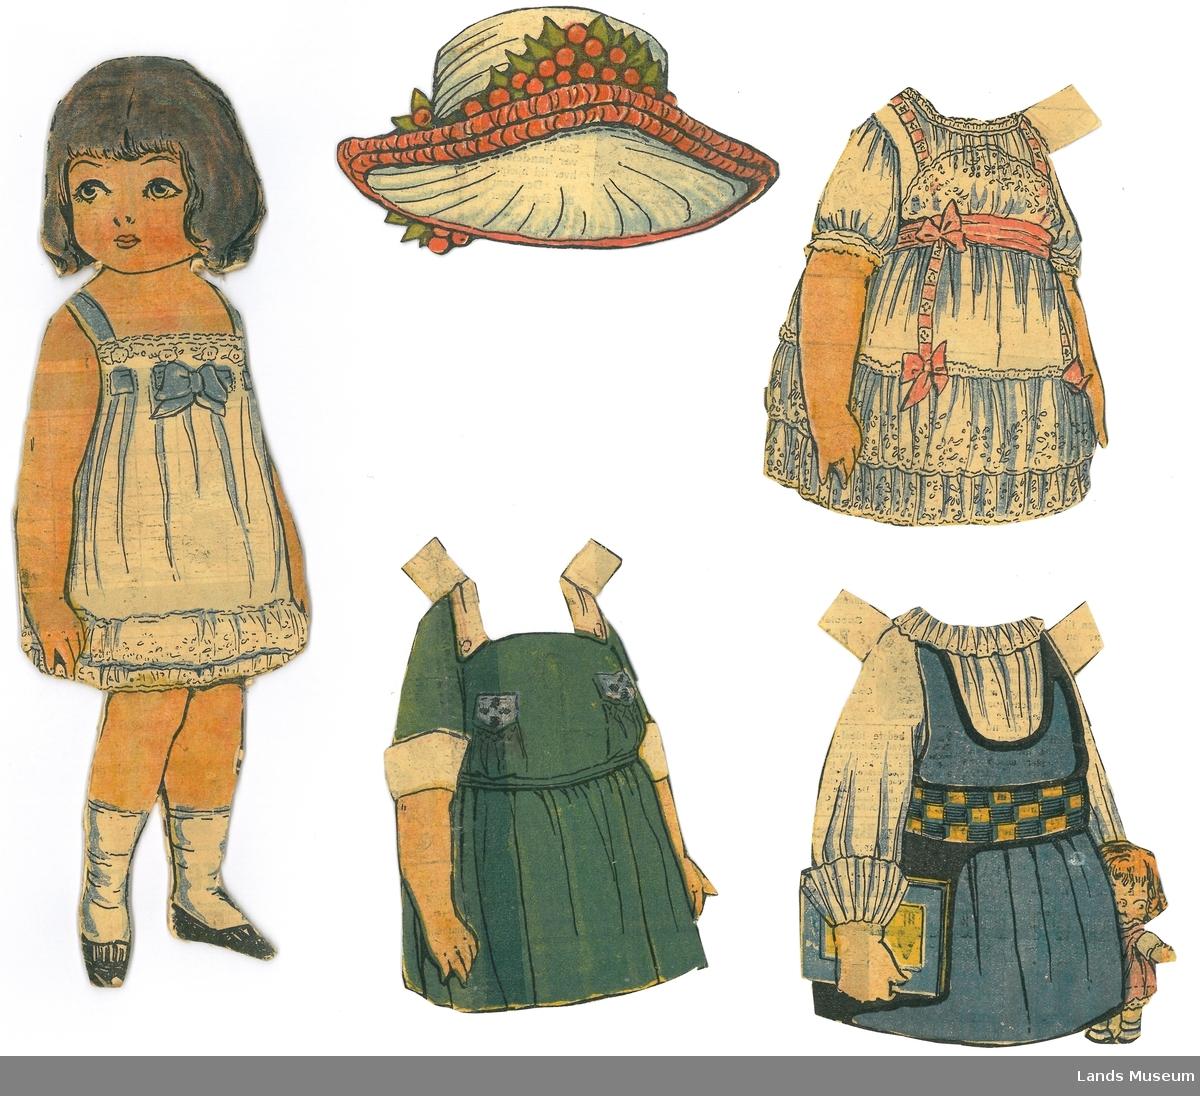 Papirdukke med klær som er klipt ut frå avis/magasin. Dukken er montert på papp.  A- dukke, jente med mørkt hår, 23,5 x 7,5 cm B- grøn kjole, 11 x 7 cm C- blå selekjole med kvit bluse, 11 x 9 cm D- blondekjole, blå og kvit med rosa bånd, 11 x 8 cm E- hatt med røde bær, 6 x 11 cm